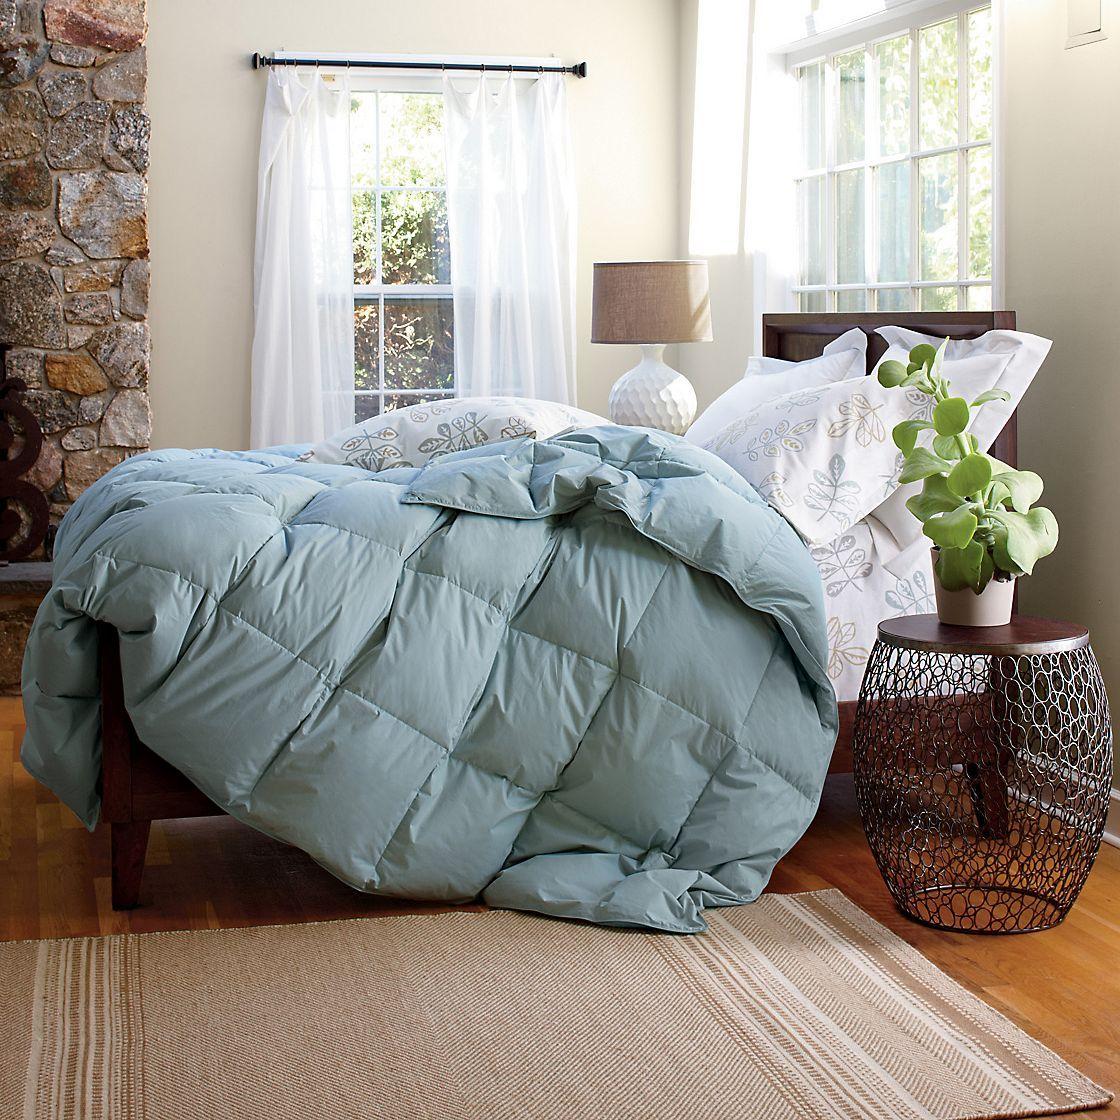 Одеяло с натуральным наполнителем: пух